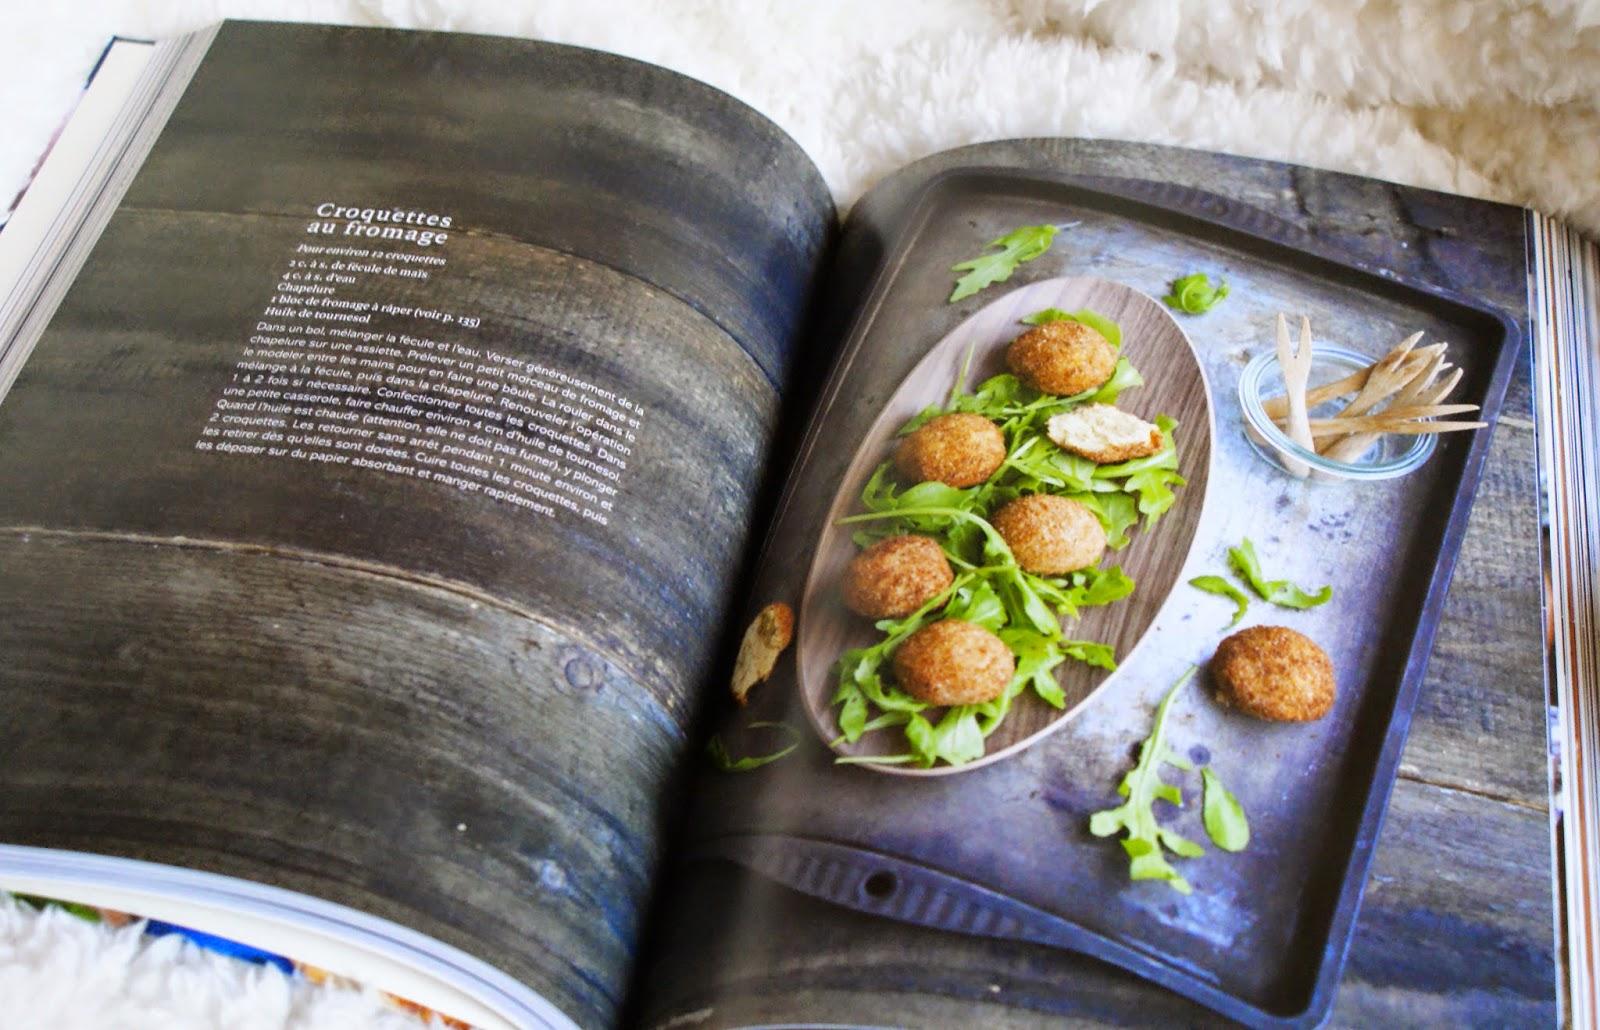 Notre Selection Des Meilleurs Livres De Recette Vegetarienne